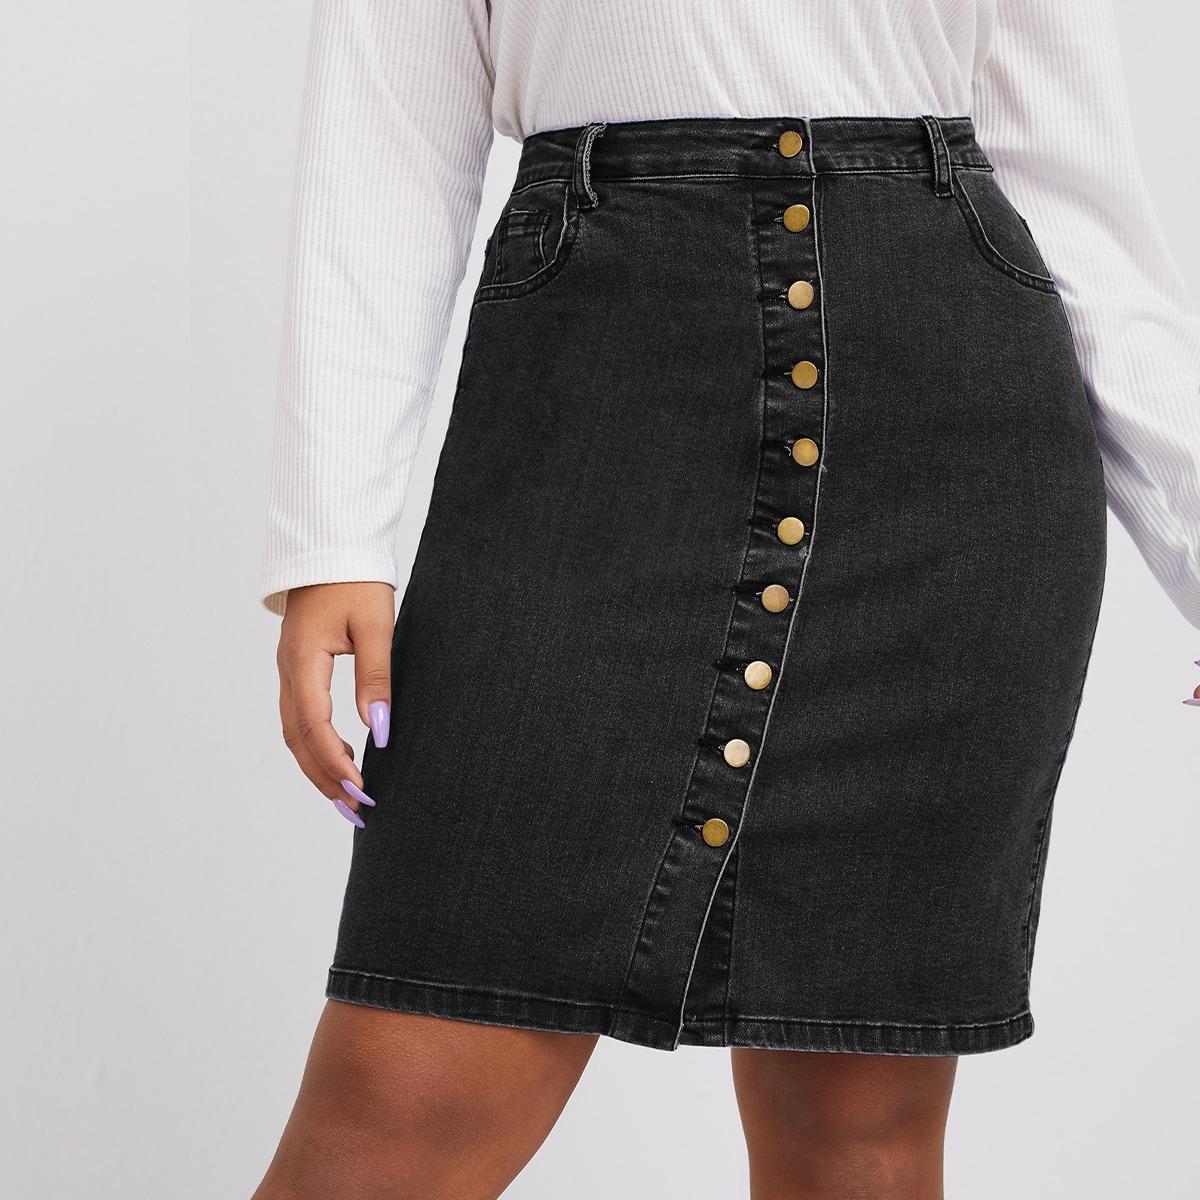 Джинсовая юбка размера плюс с пуговицами и высокой талией